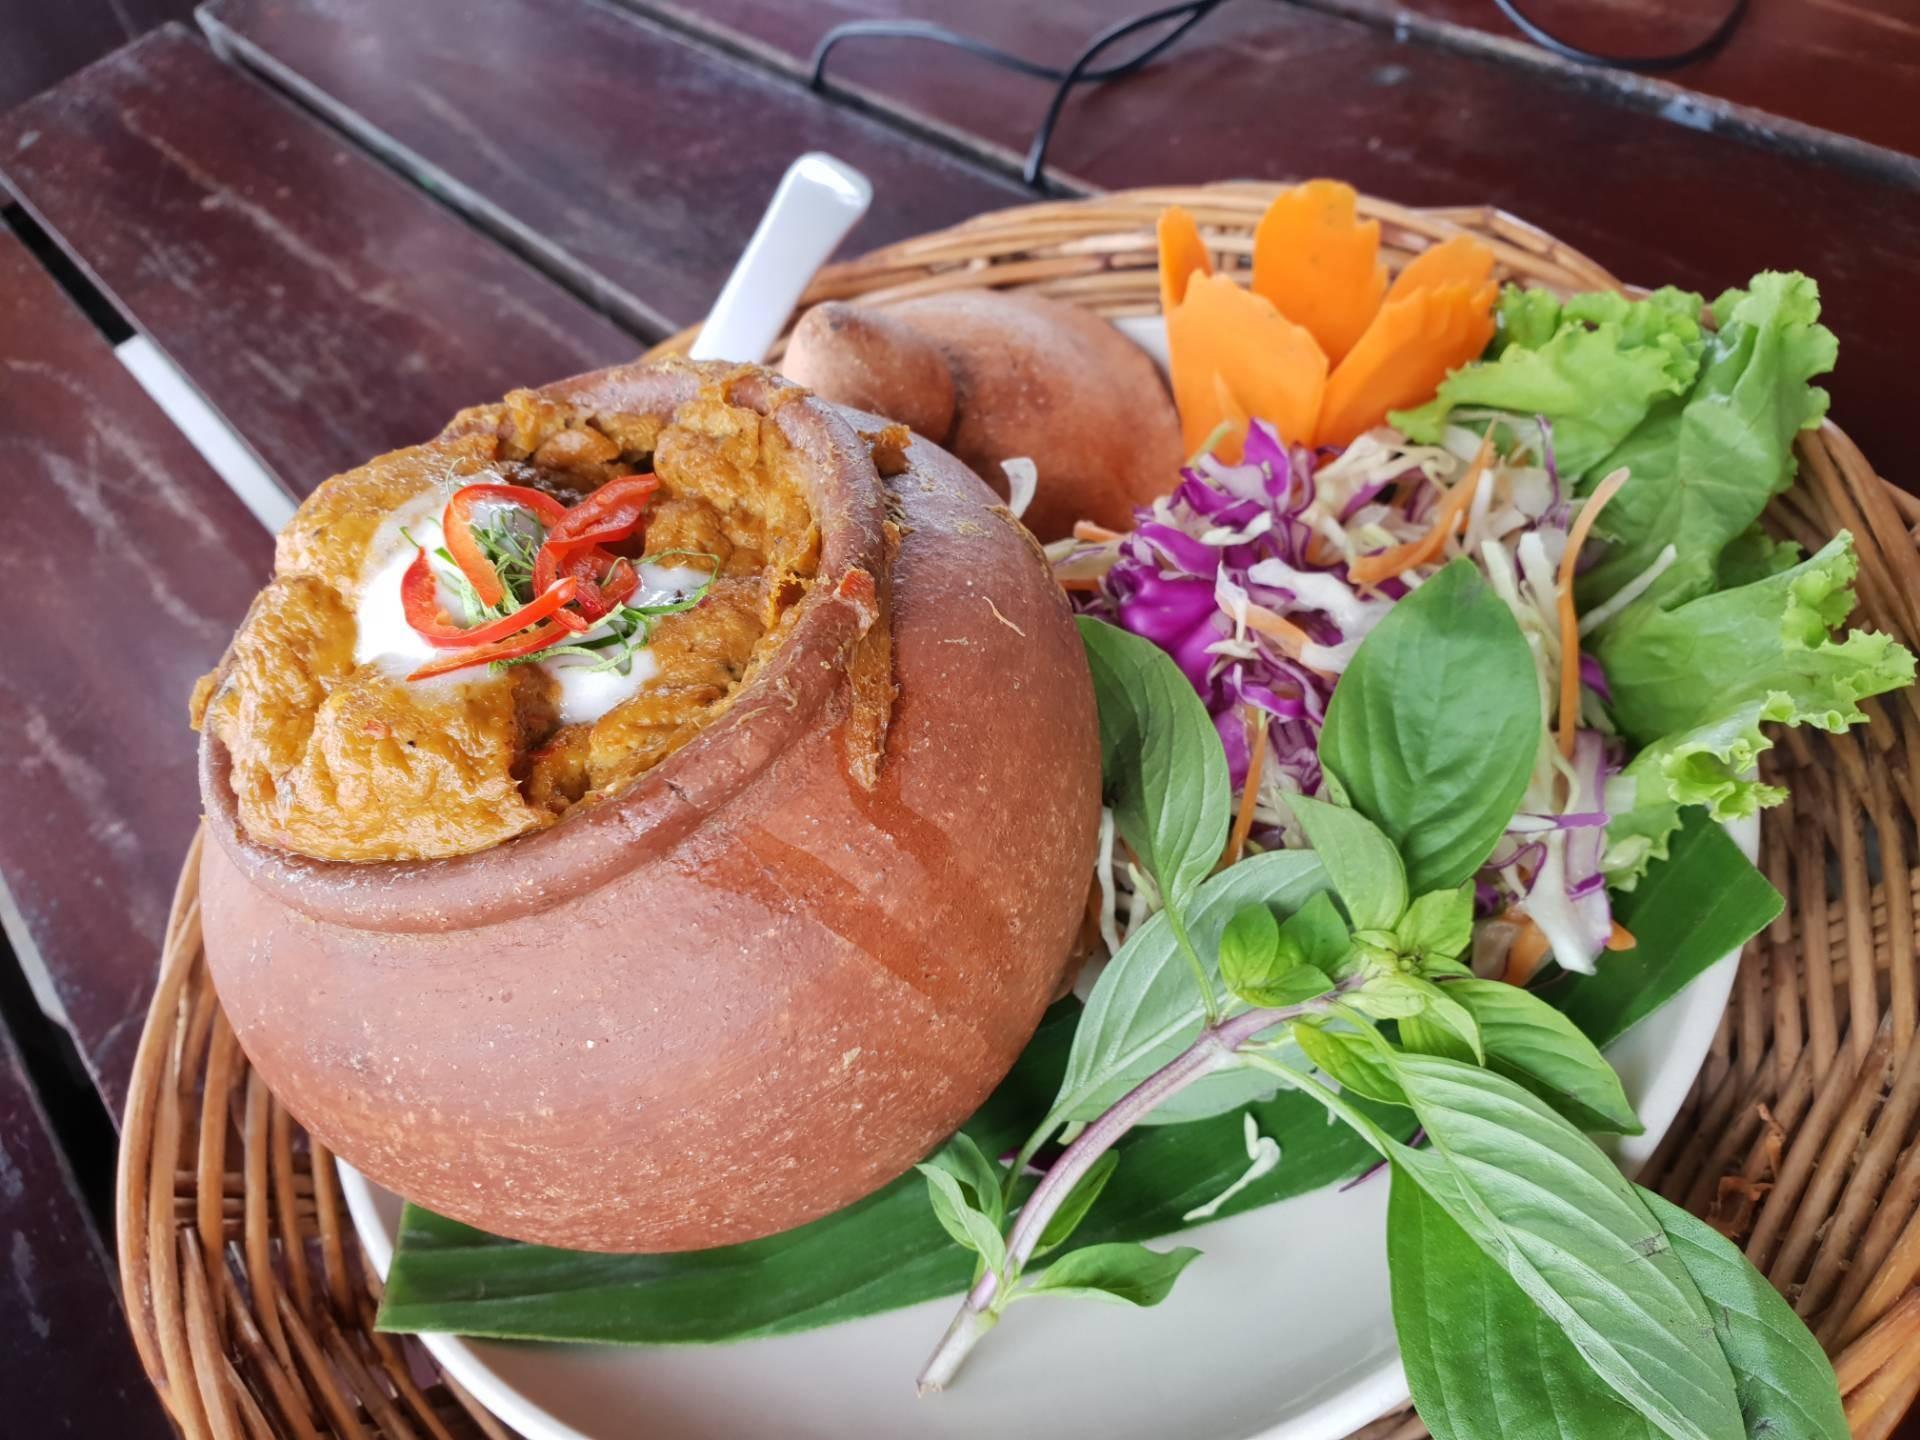 ค้นหาร้านอาหาร โรงแรม ที่พัก สถานที่ท่องเที่ยว ร้านเสริมสวยและสปา ใน กาญจนบุรี